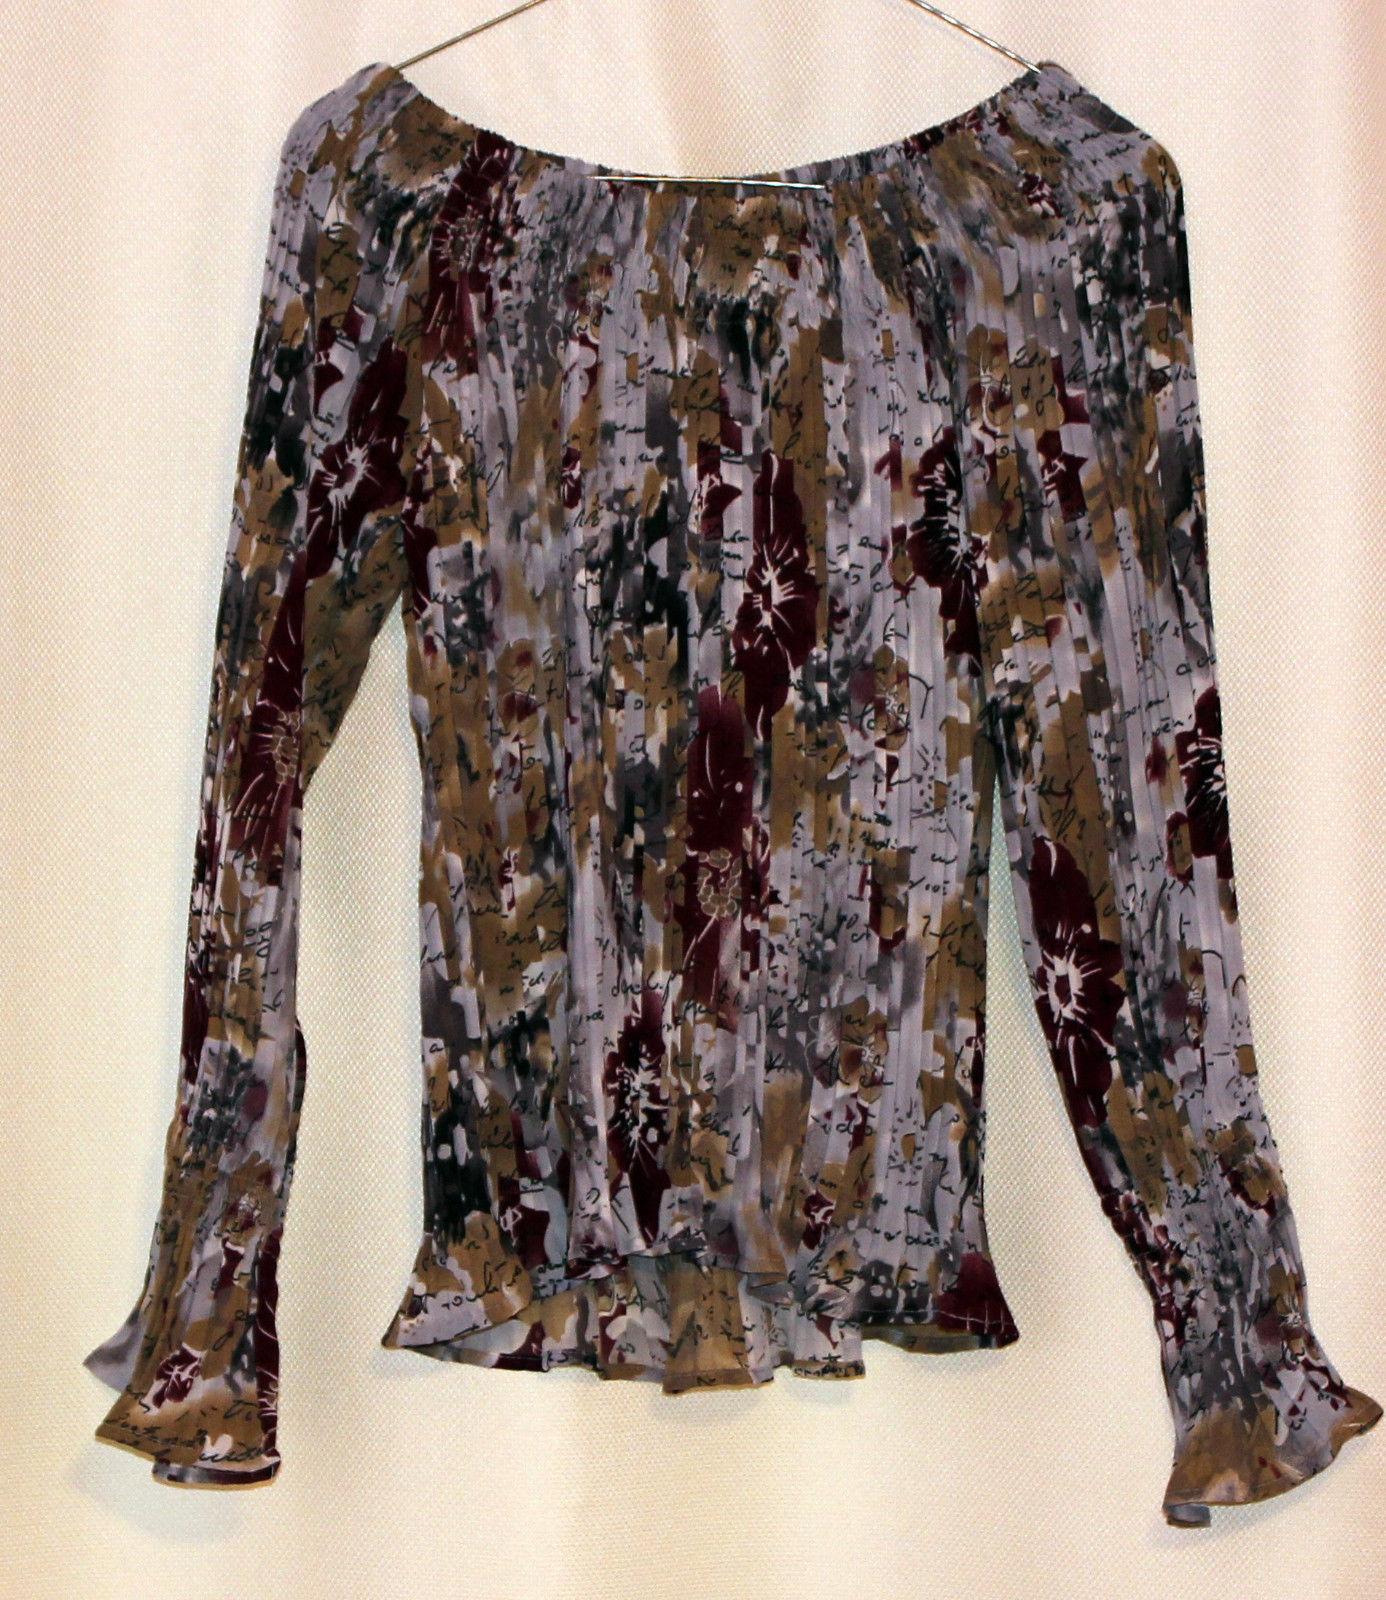 Dress-U Long Sleeve Multicolor Flower Off-shoulder Crinkled Pleated Top Blouse L image 2